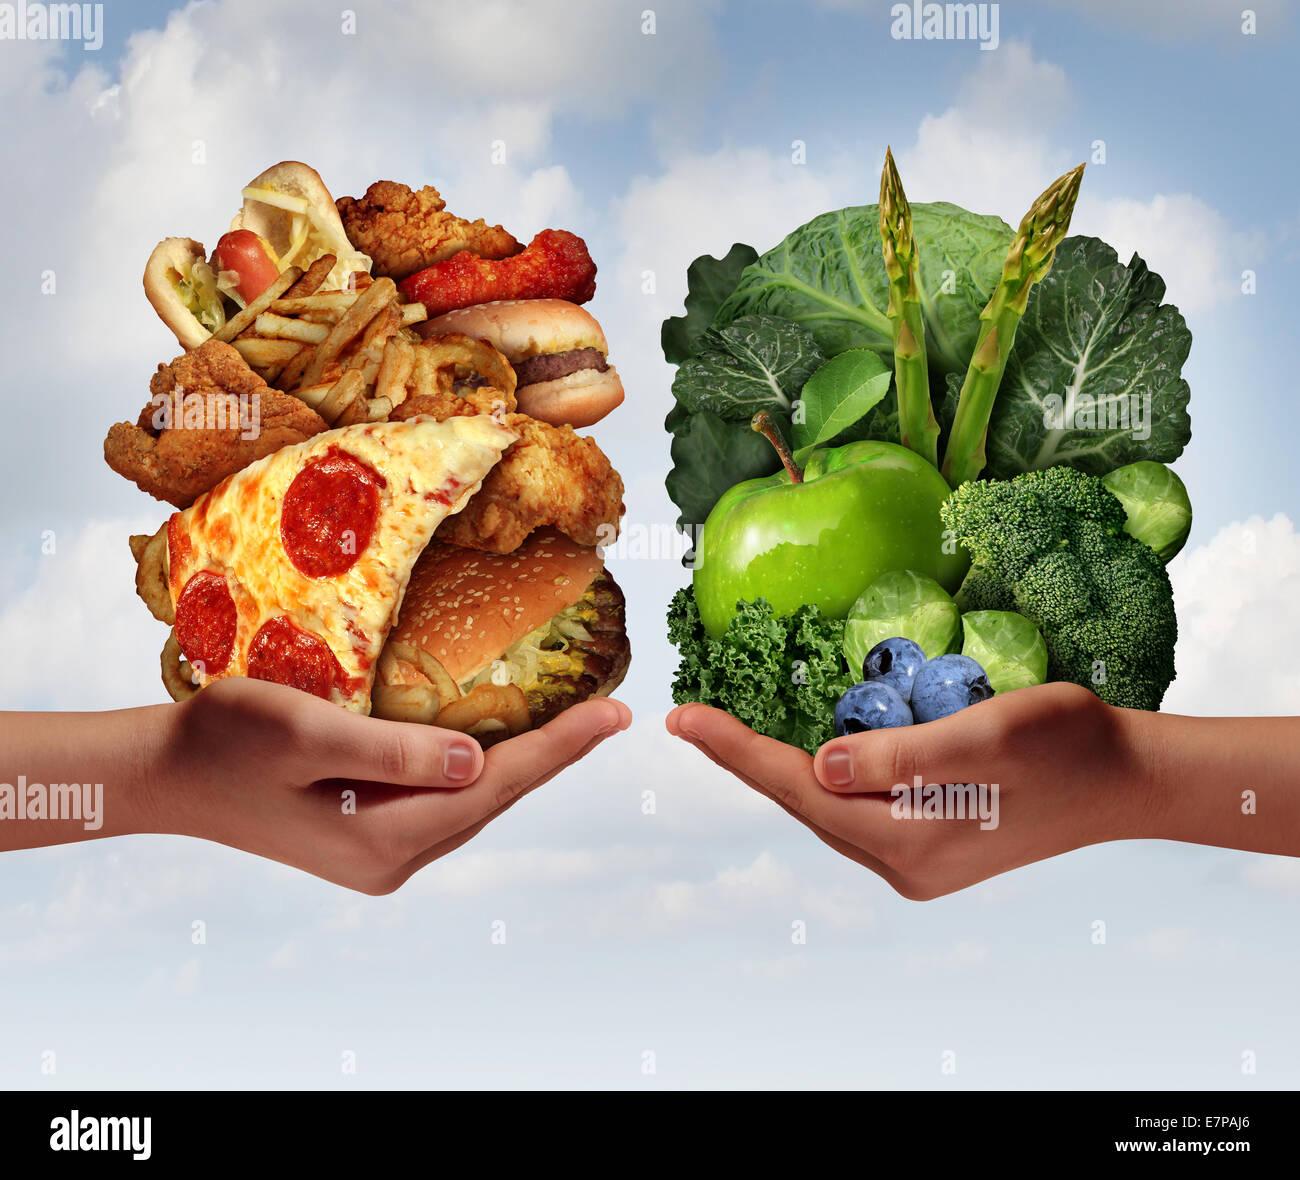 Elección de la nutrición y la dieta decisión concepto y hábitos alimentarios saludables dilema Imagen De Stock